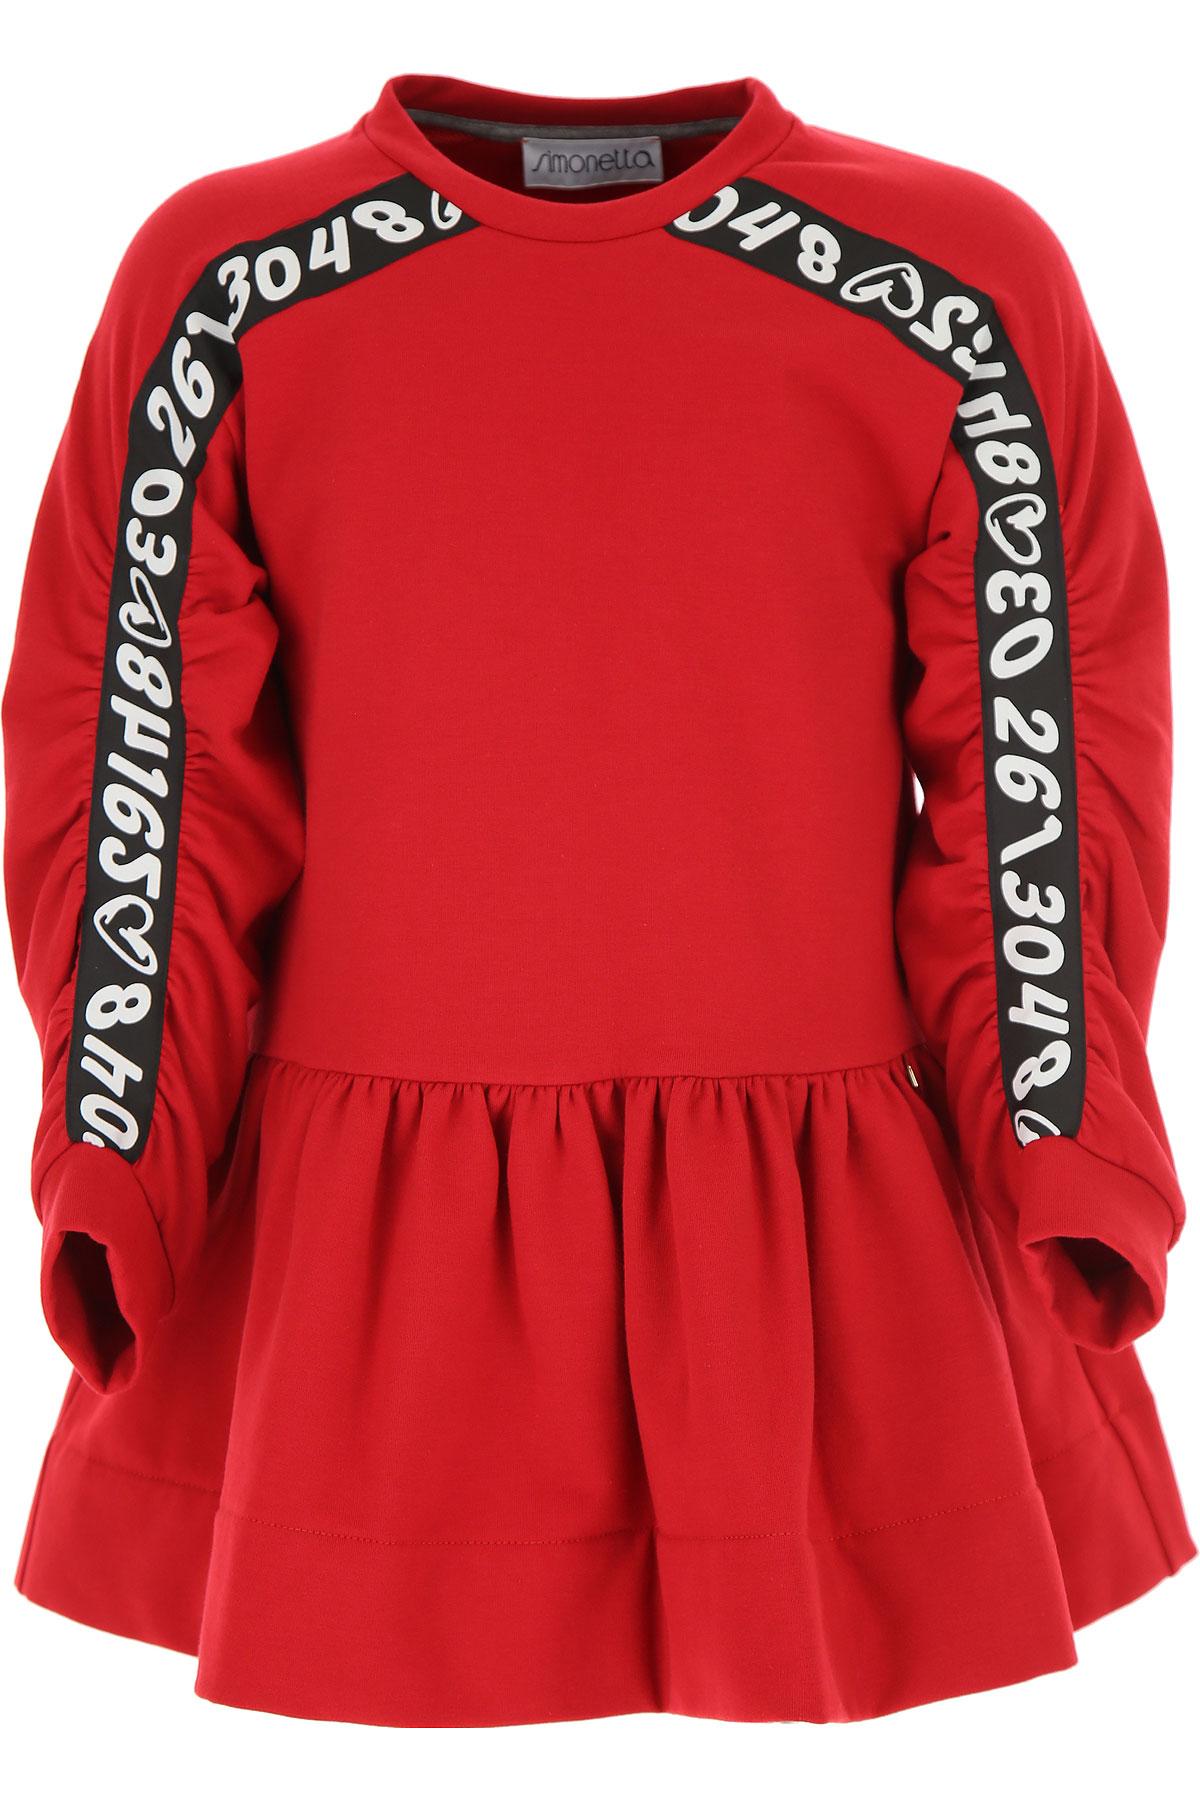 Simonetta Girls Dress On Sale, Red, Cotton, 2019, 2Y 4Y 6Y